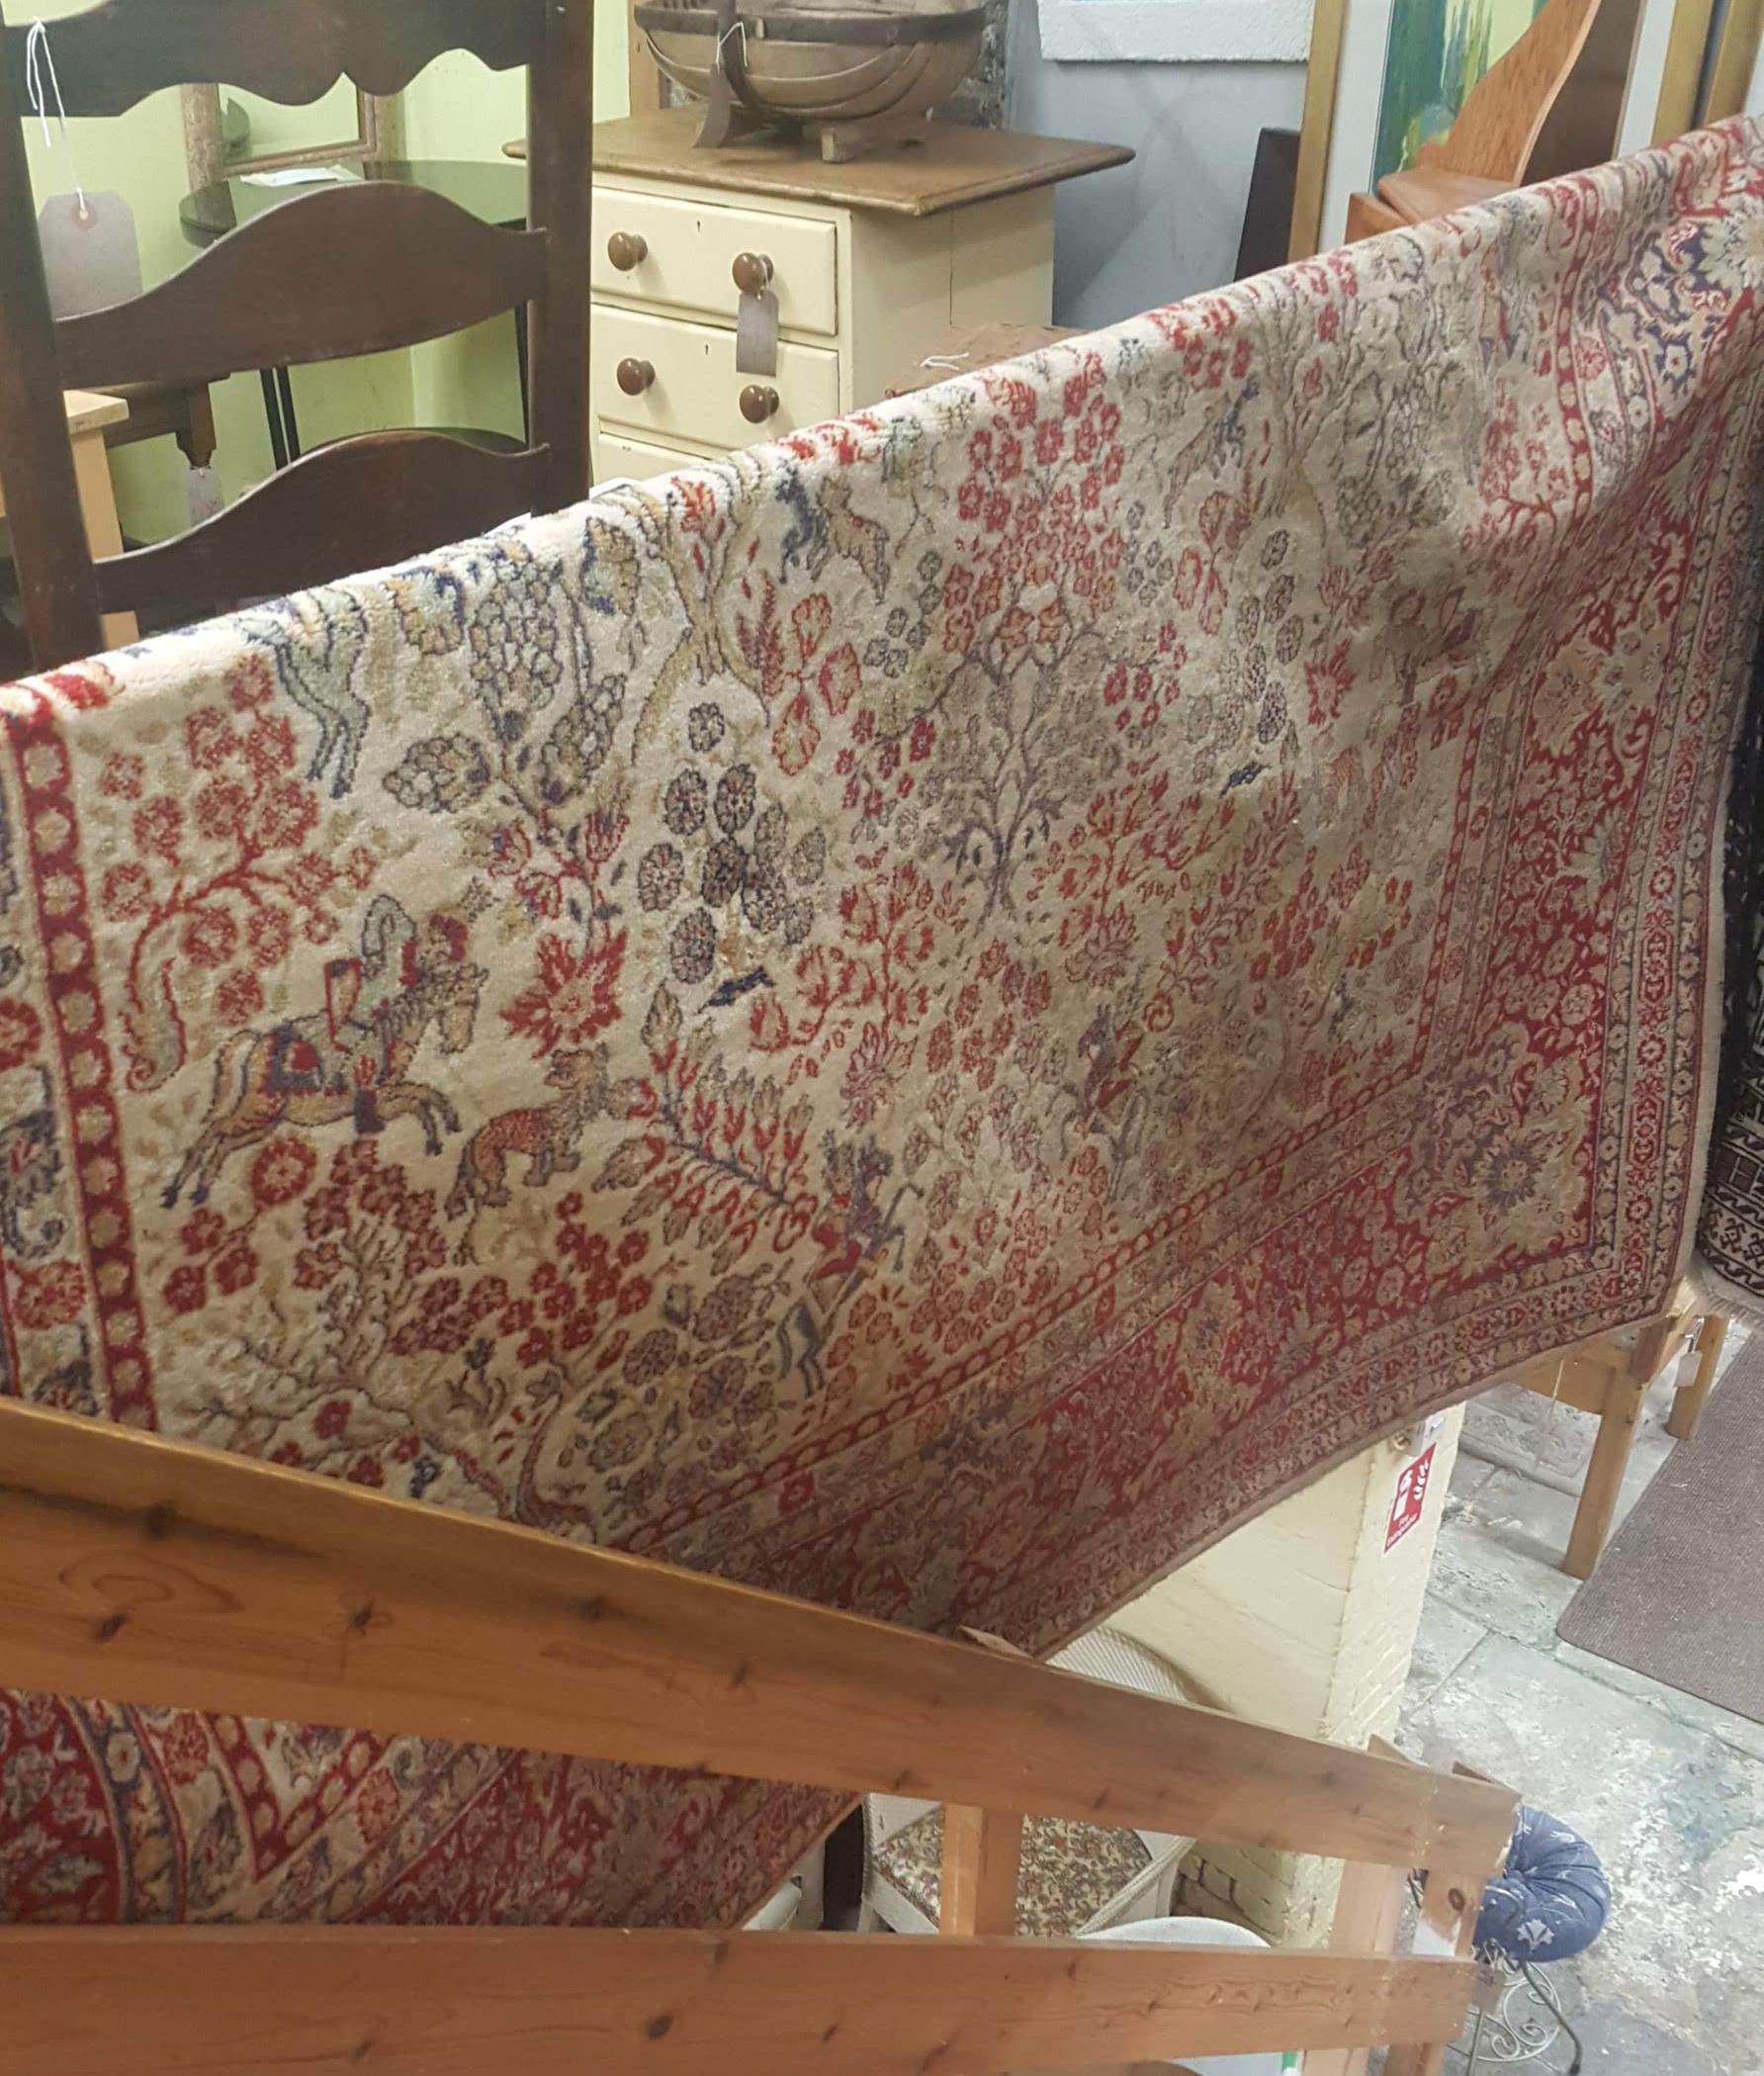 Large rug in shop in Hastings